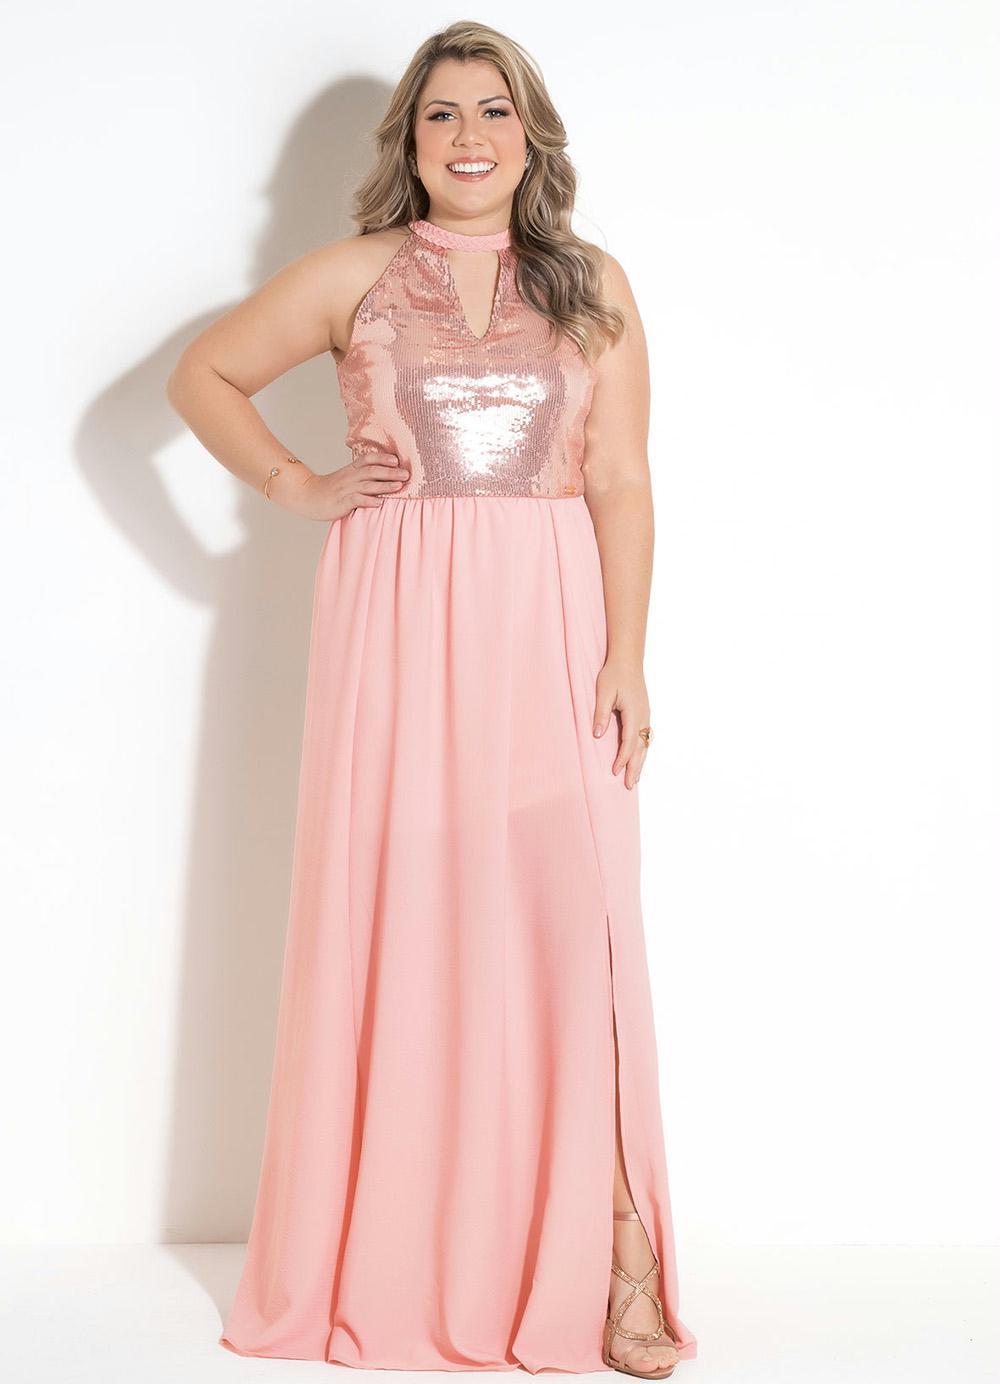 b6917cdc9 60 modelos de vestidos longos para casamento que farão você arrasar